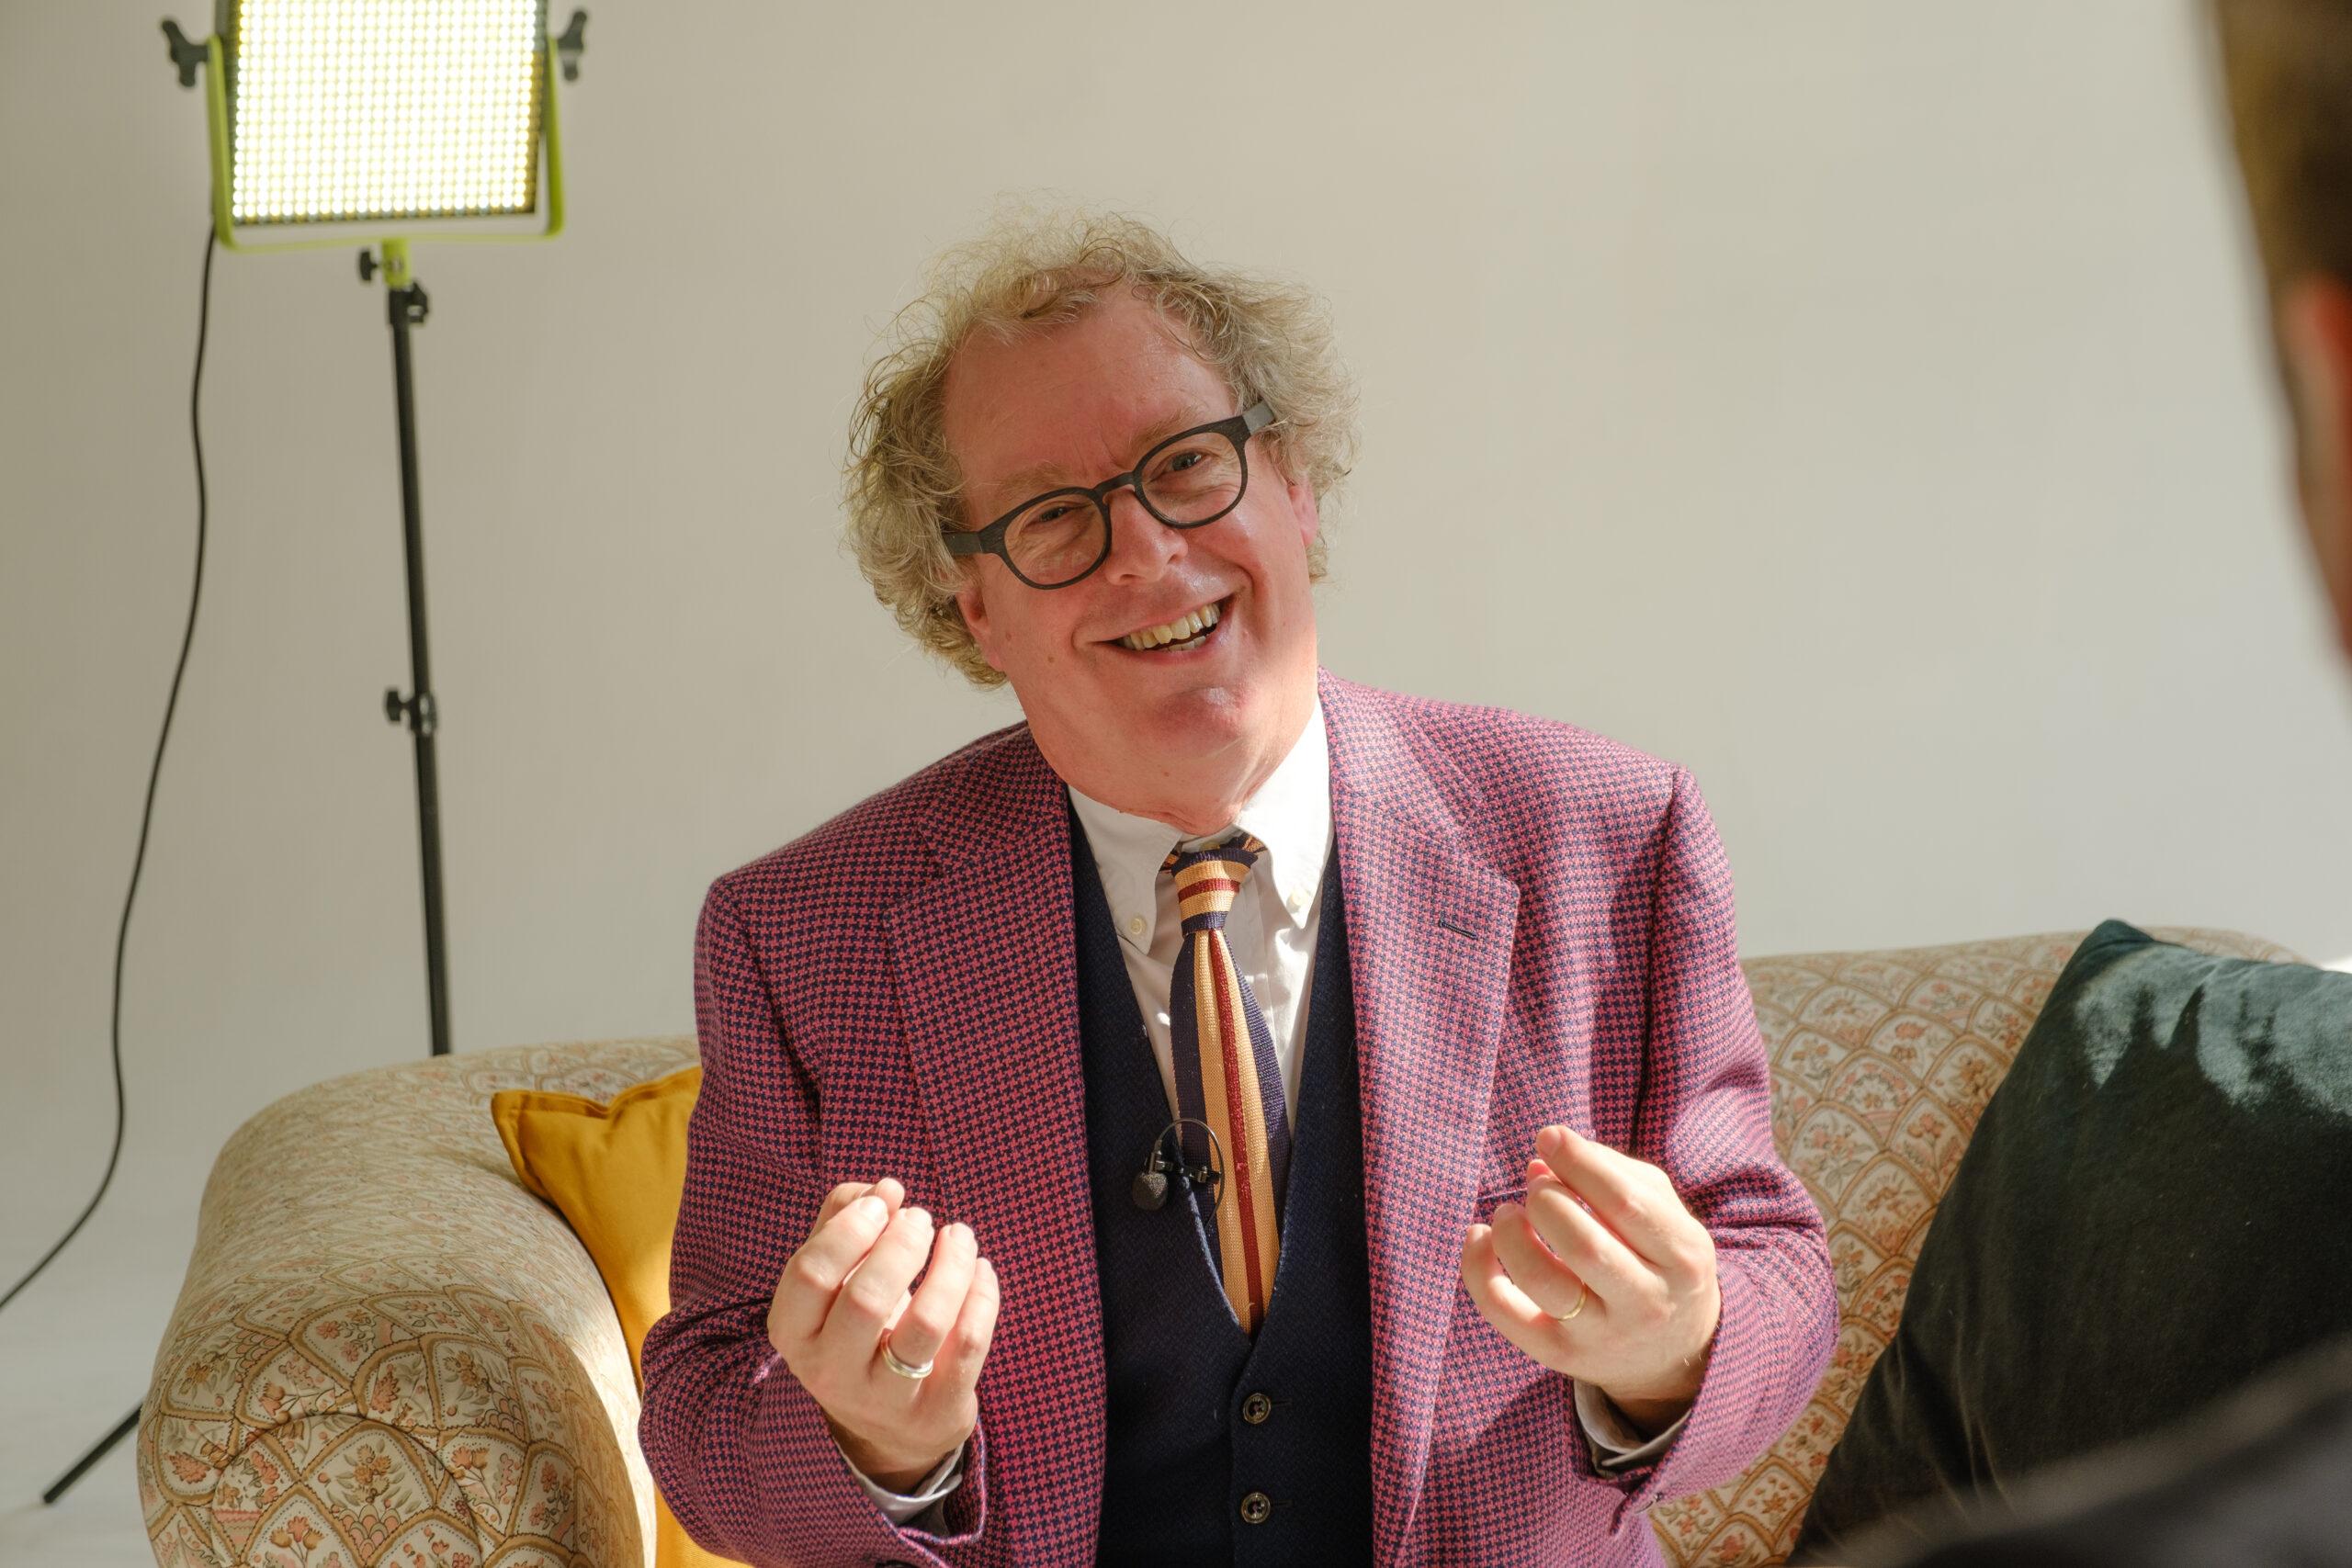 Peter Lovatt Explaining Smiling